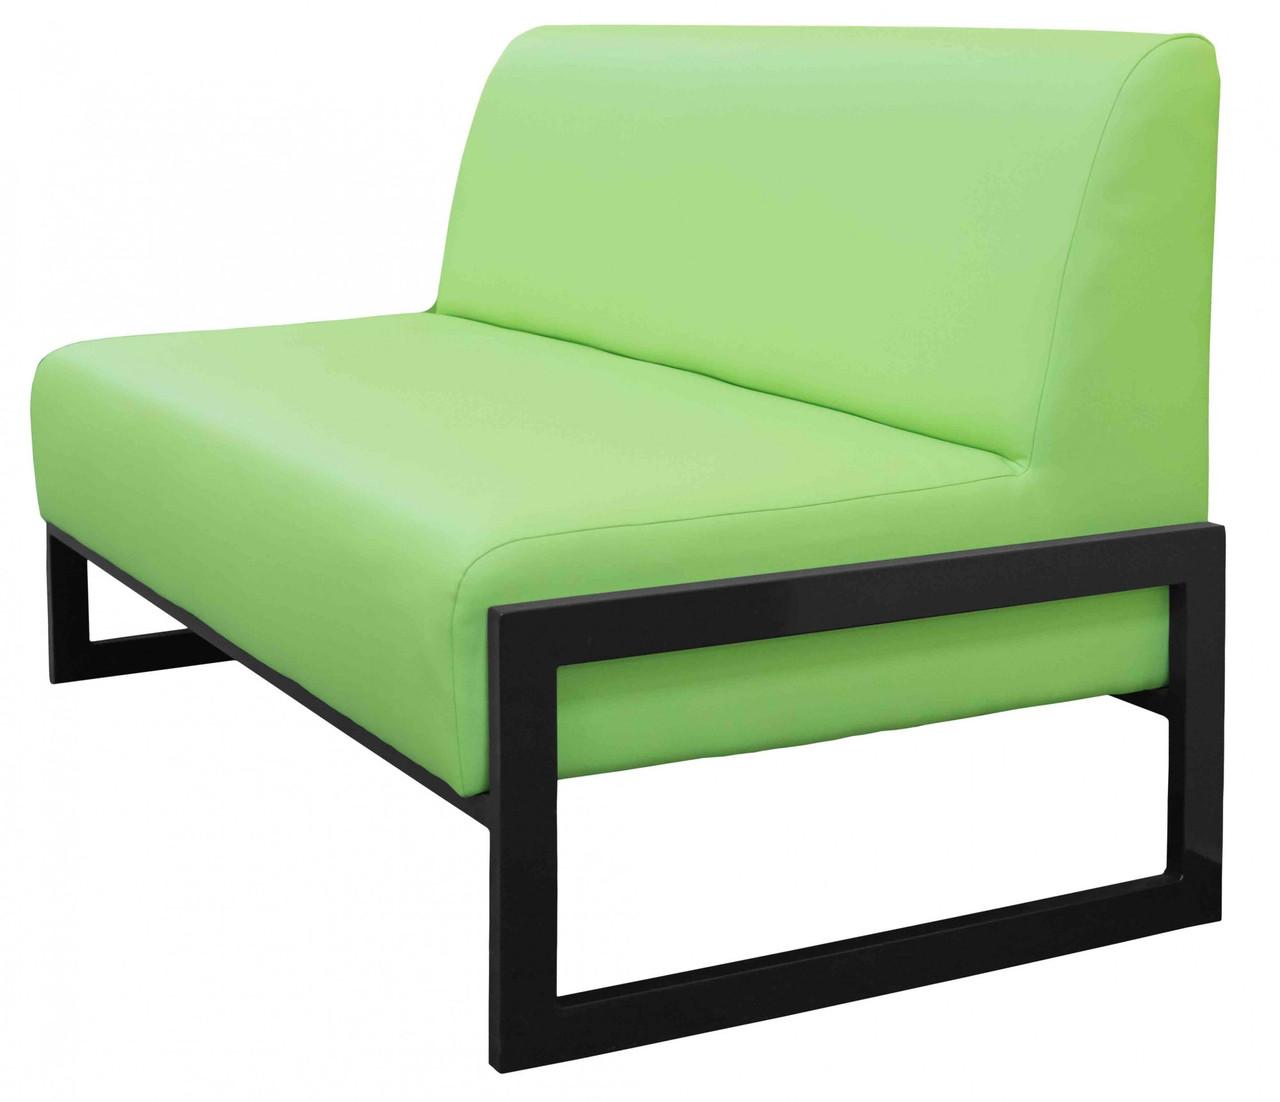 Диван Richman Квадро Двойка 1400 x 650 x 750H см Флай 2234 Зеленый